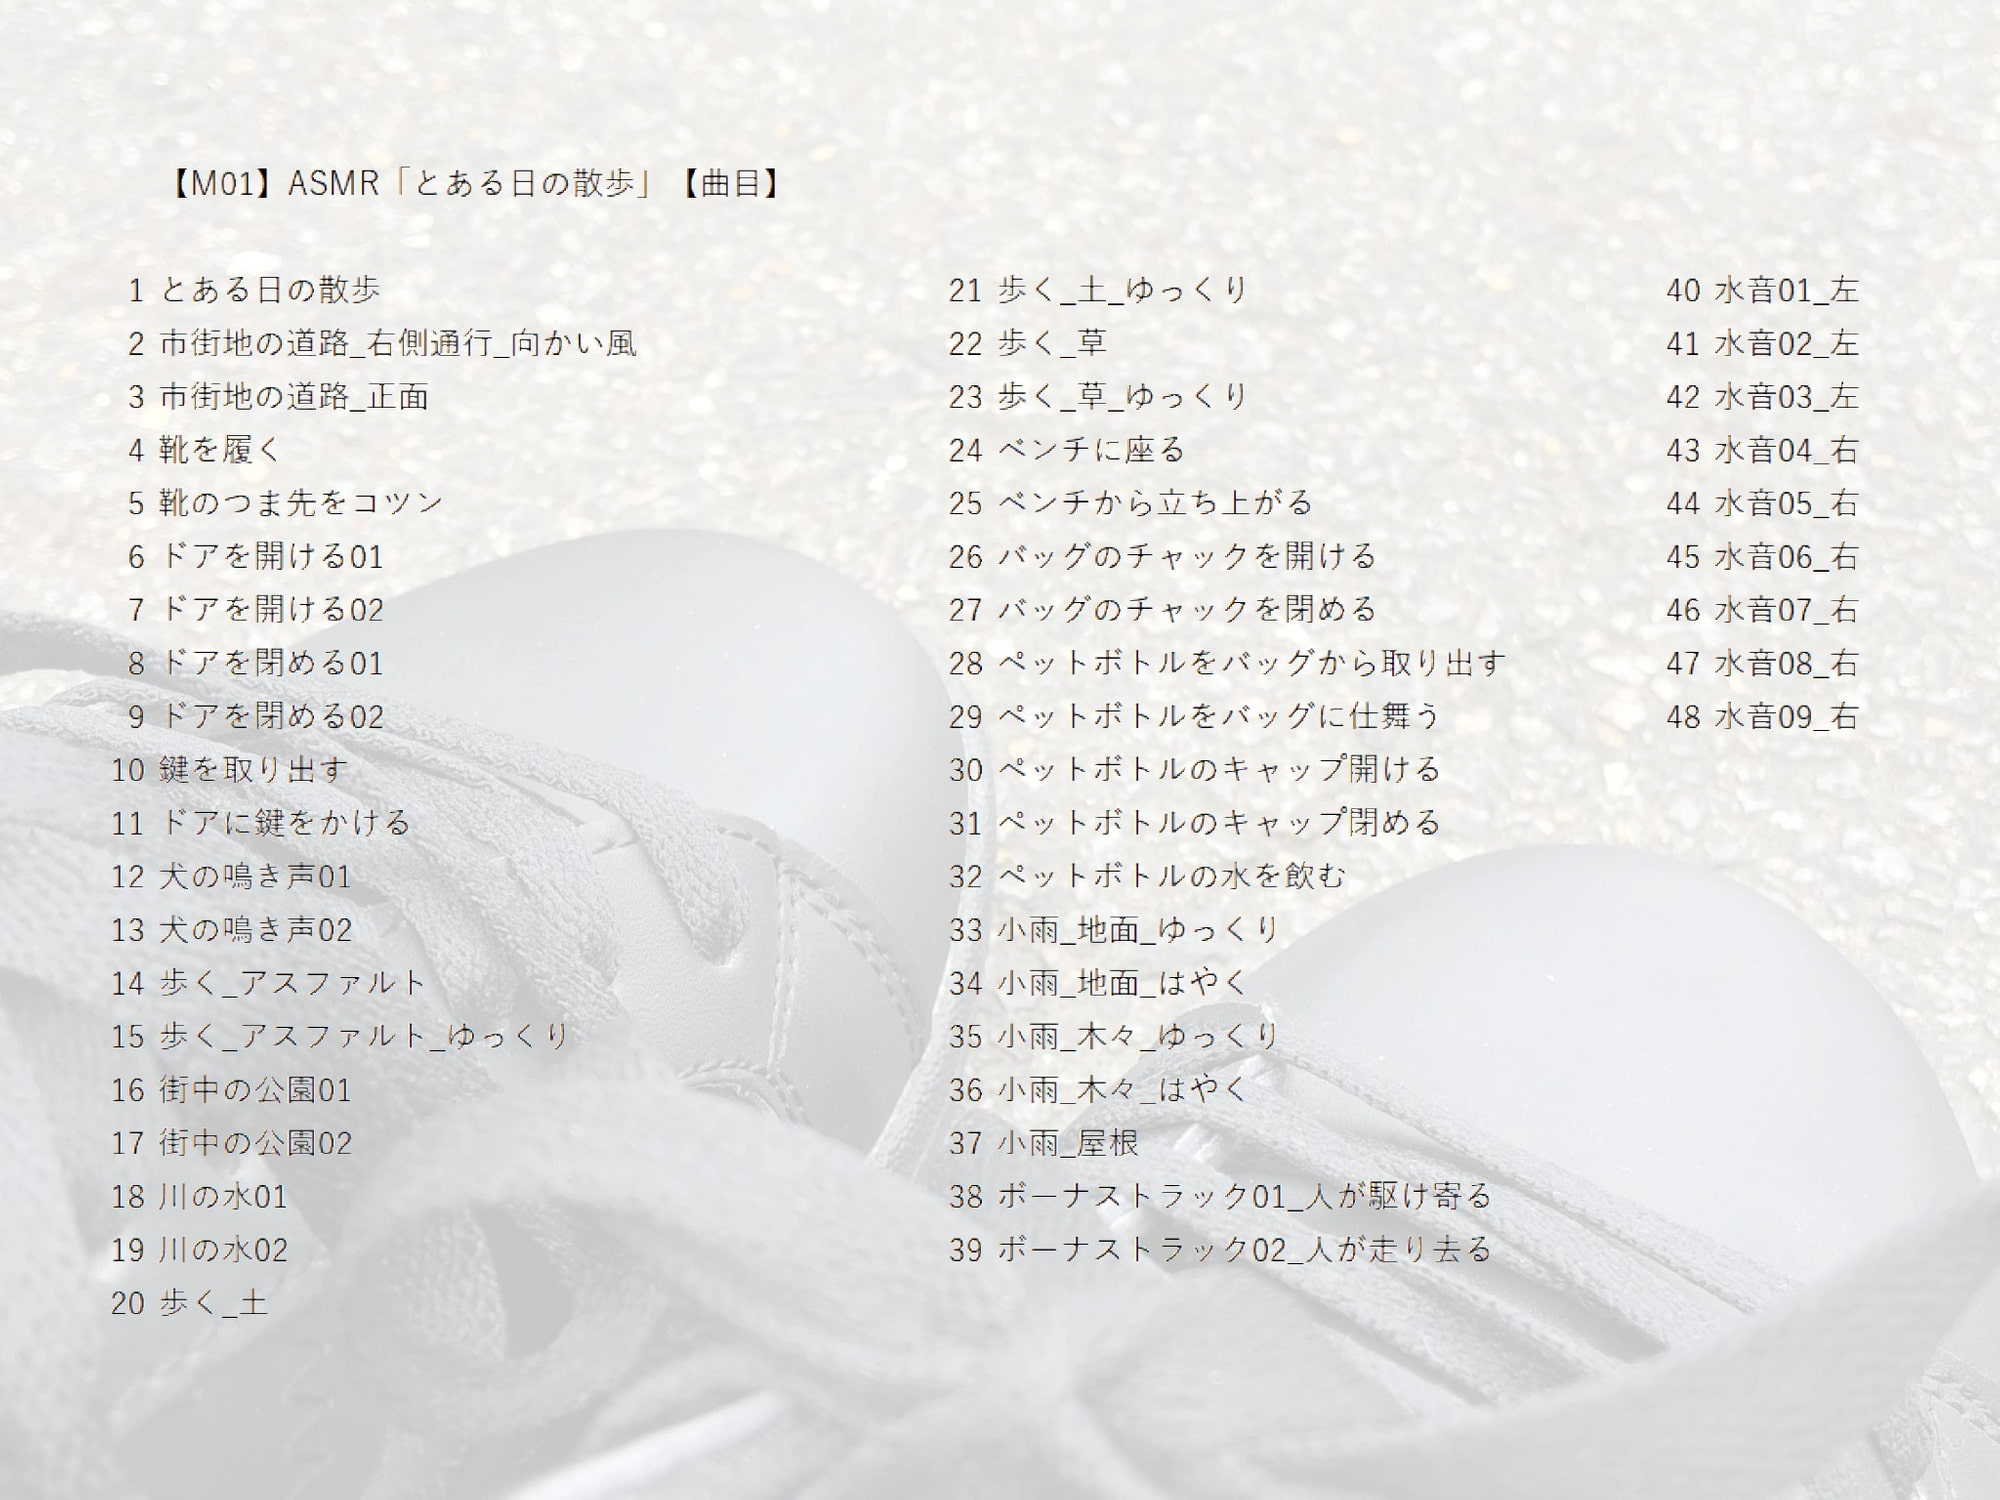 【効果音・環境音/フリー素材集】とある日の散歩【ダミヘ収録の高音質ASMR!】